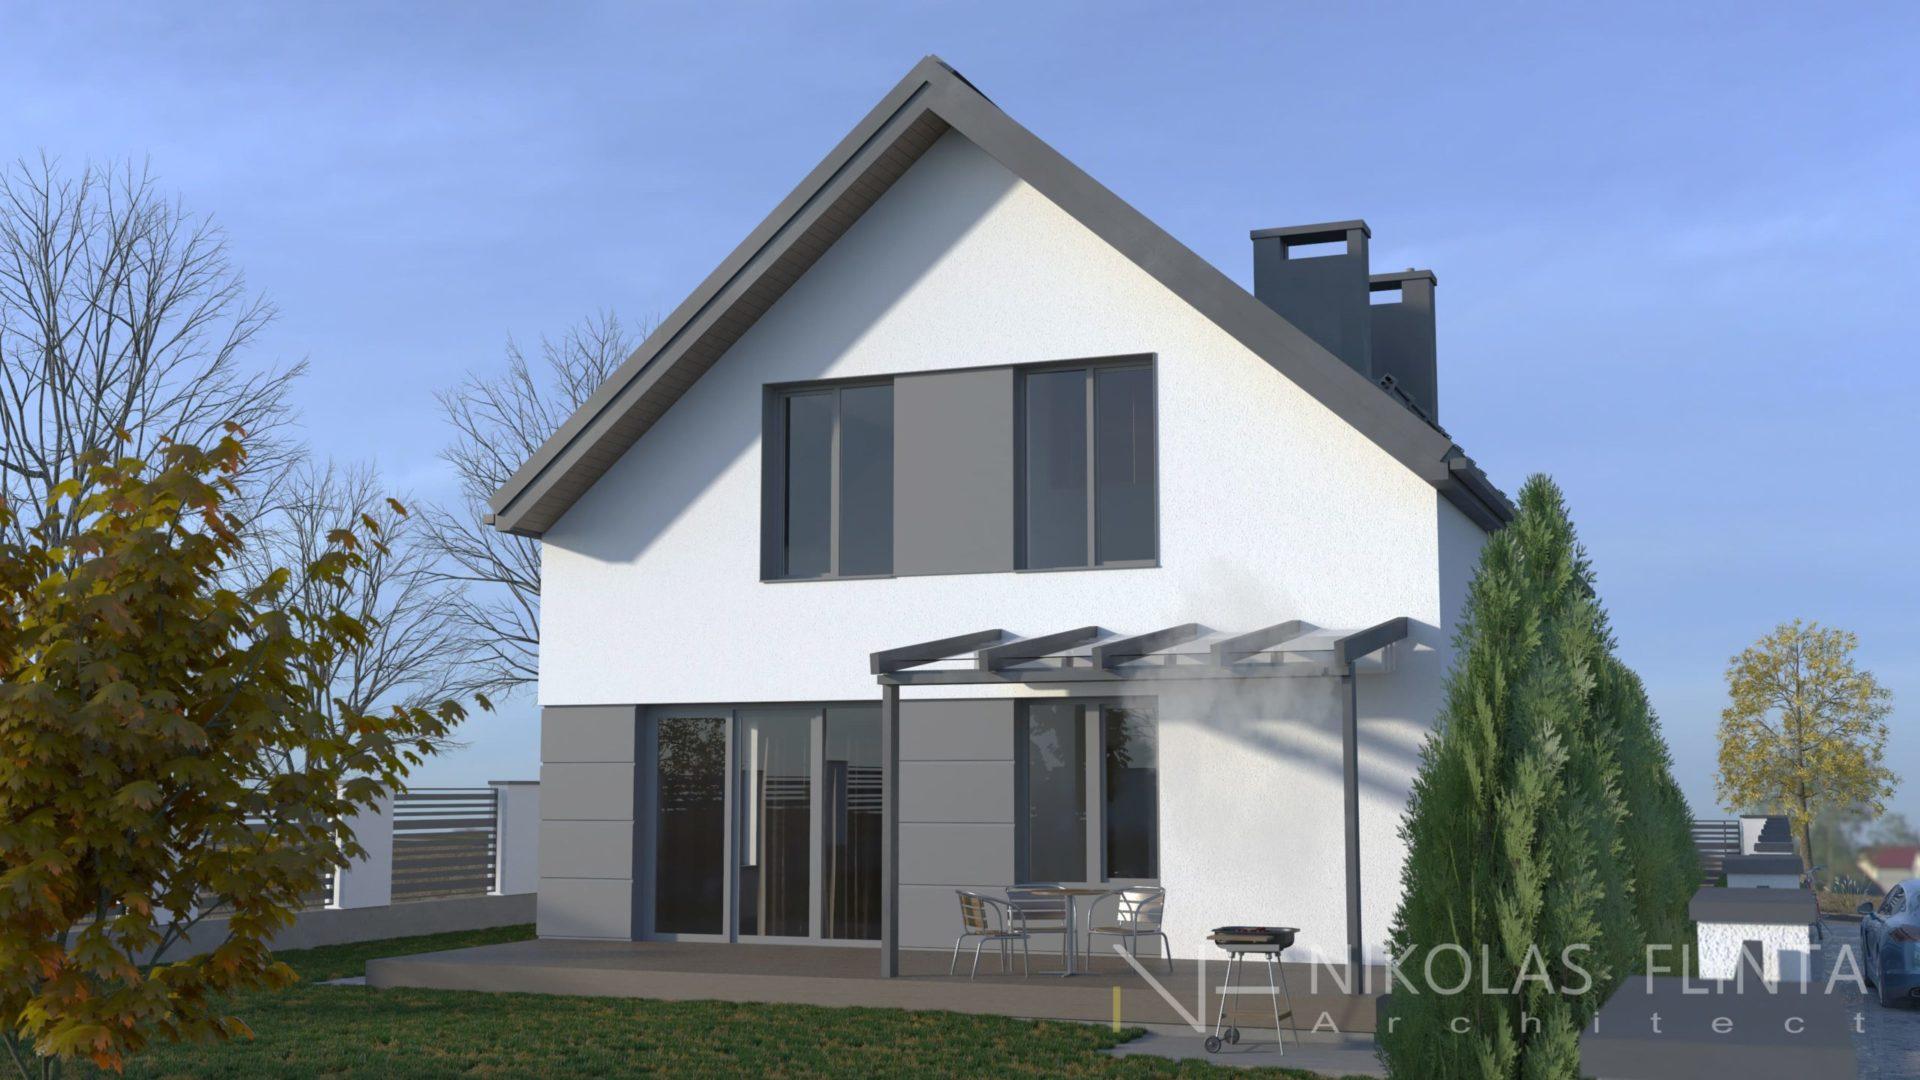 House-09CD_04-scaled.jpg